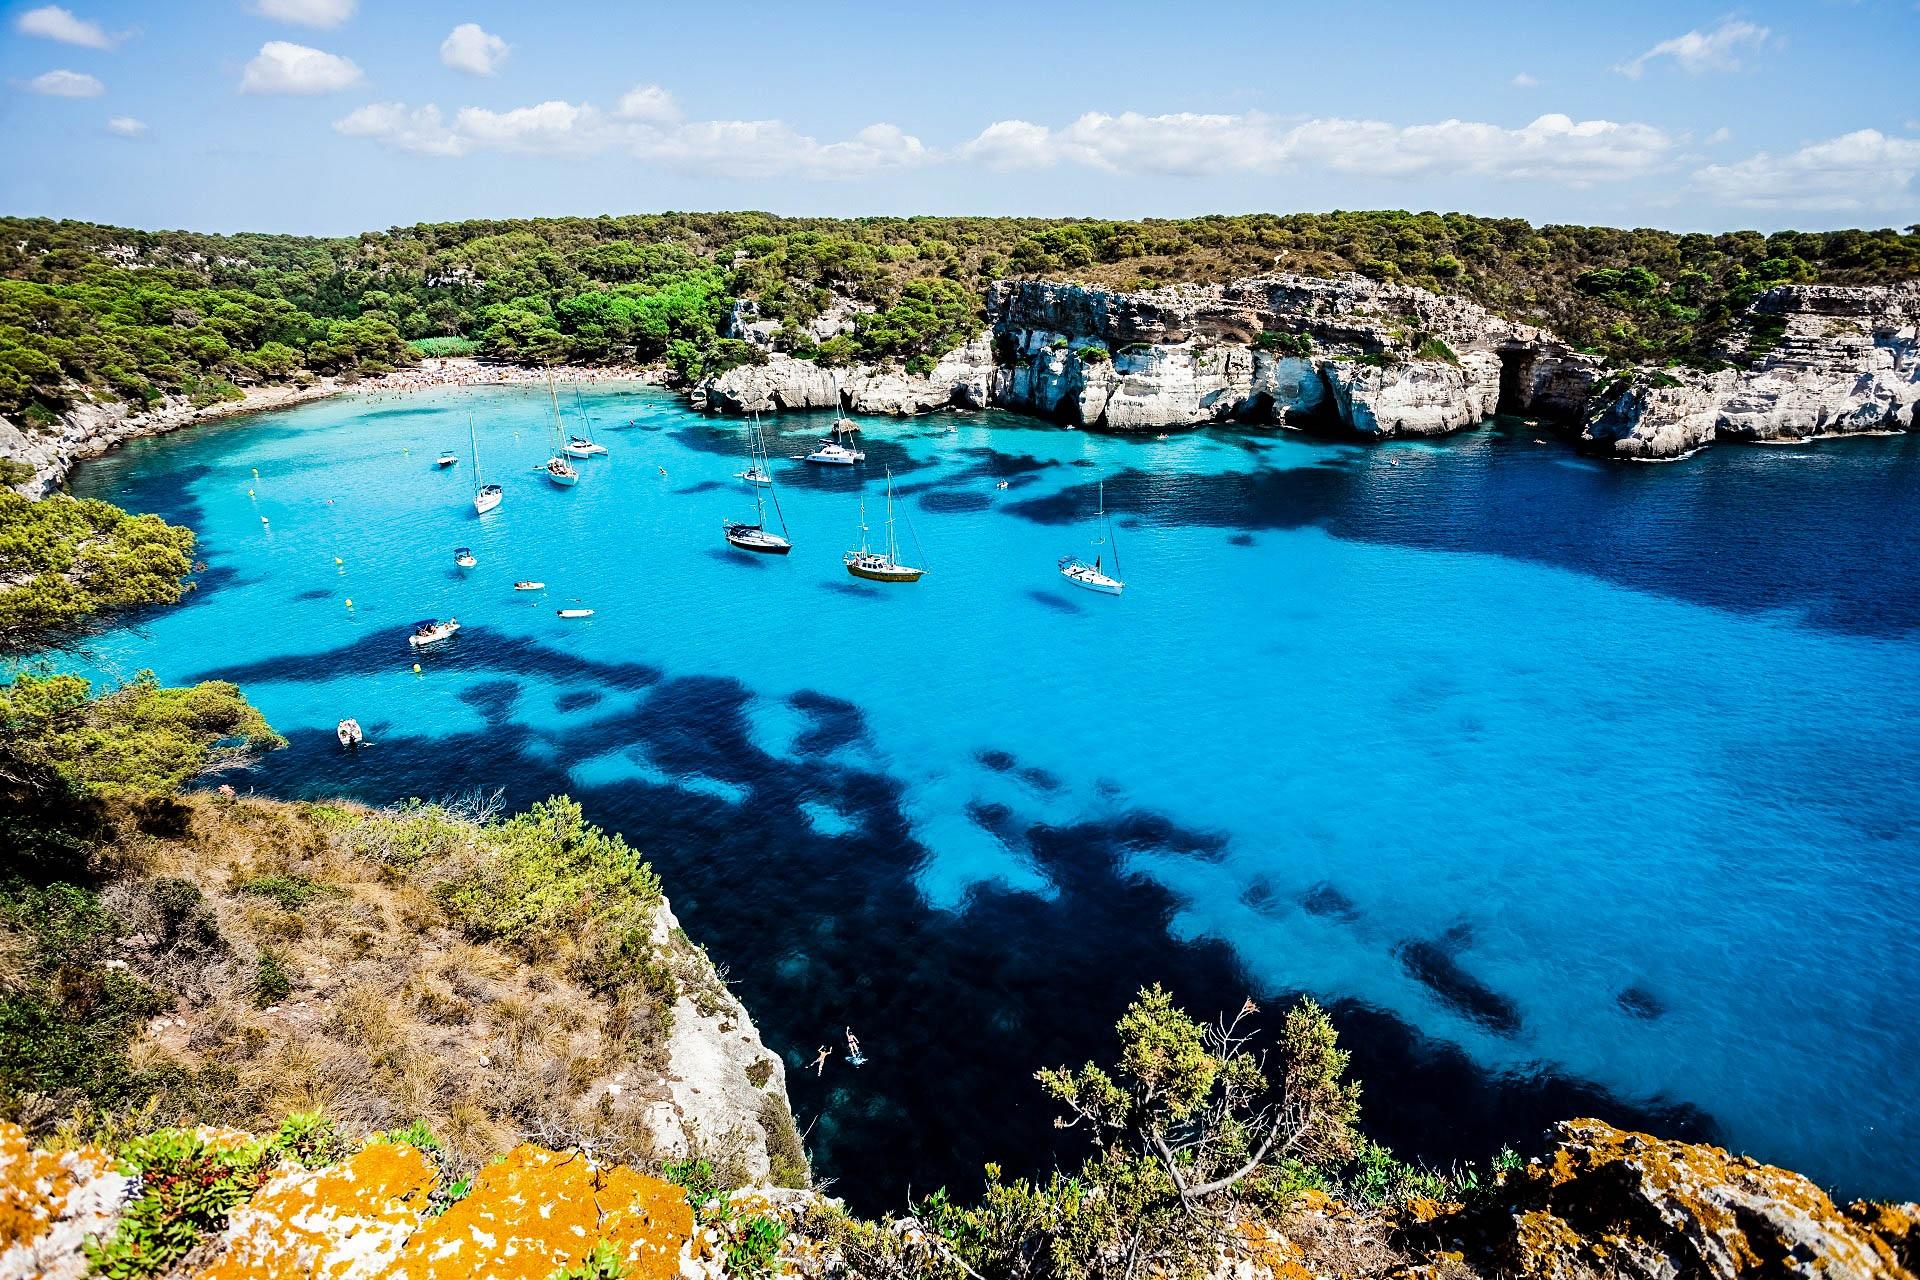 Flüge: Menorca [Juni - Juli] Hin und Zurück von Stuttgart nach Menorca ab nur 11€ inkl. Gepäck